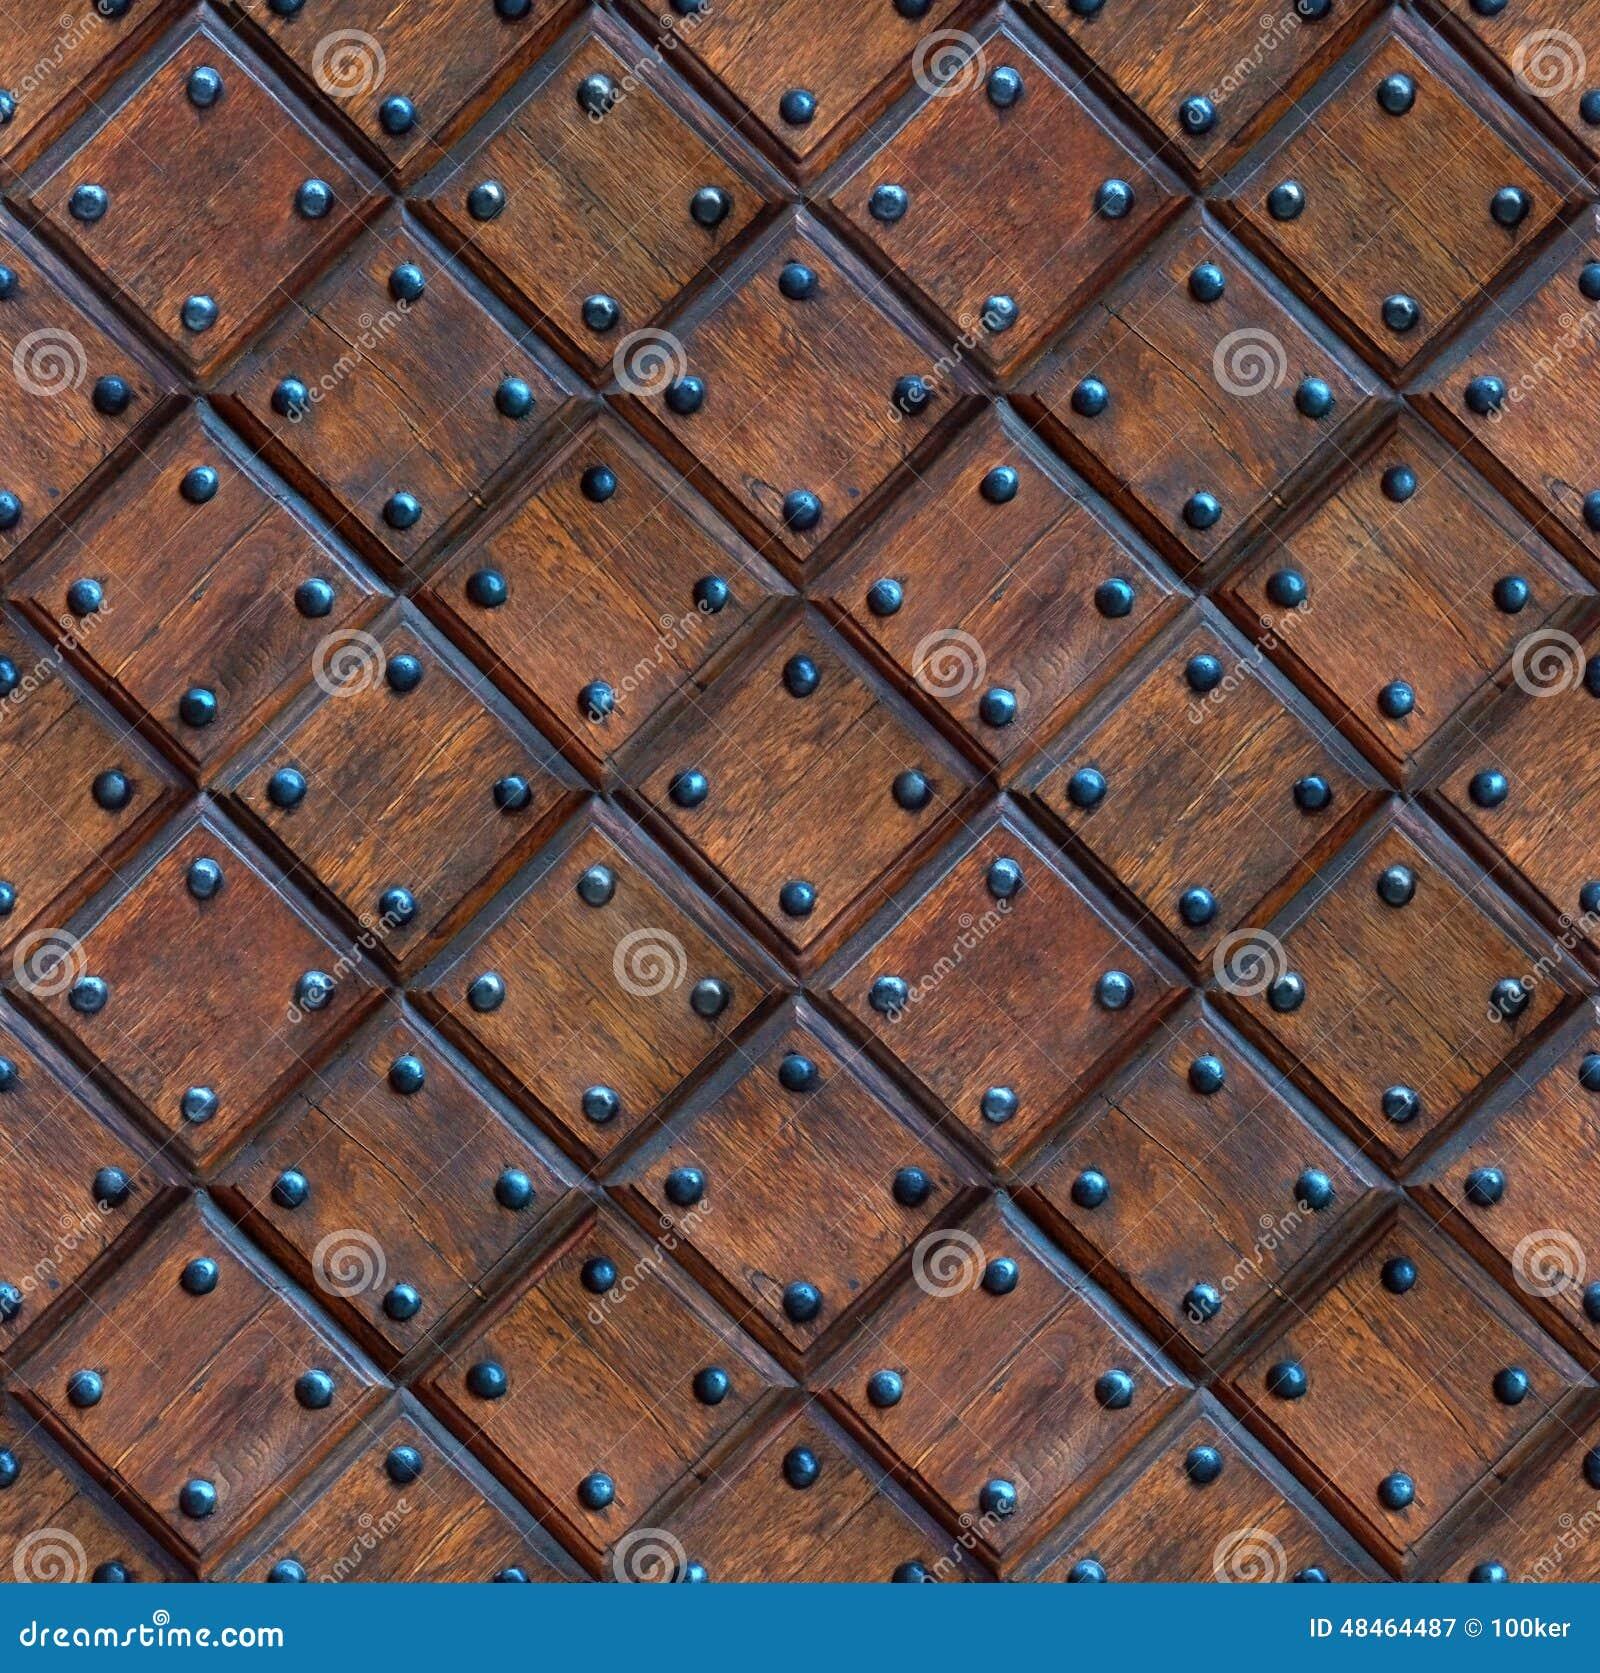 Door Wood Texture Seamless : Seamless Wooden Panel Door Texture With Nails Stock Photo - Image ...